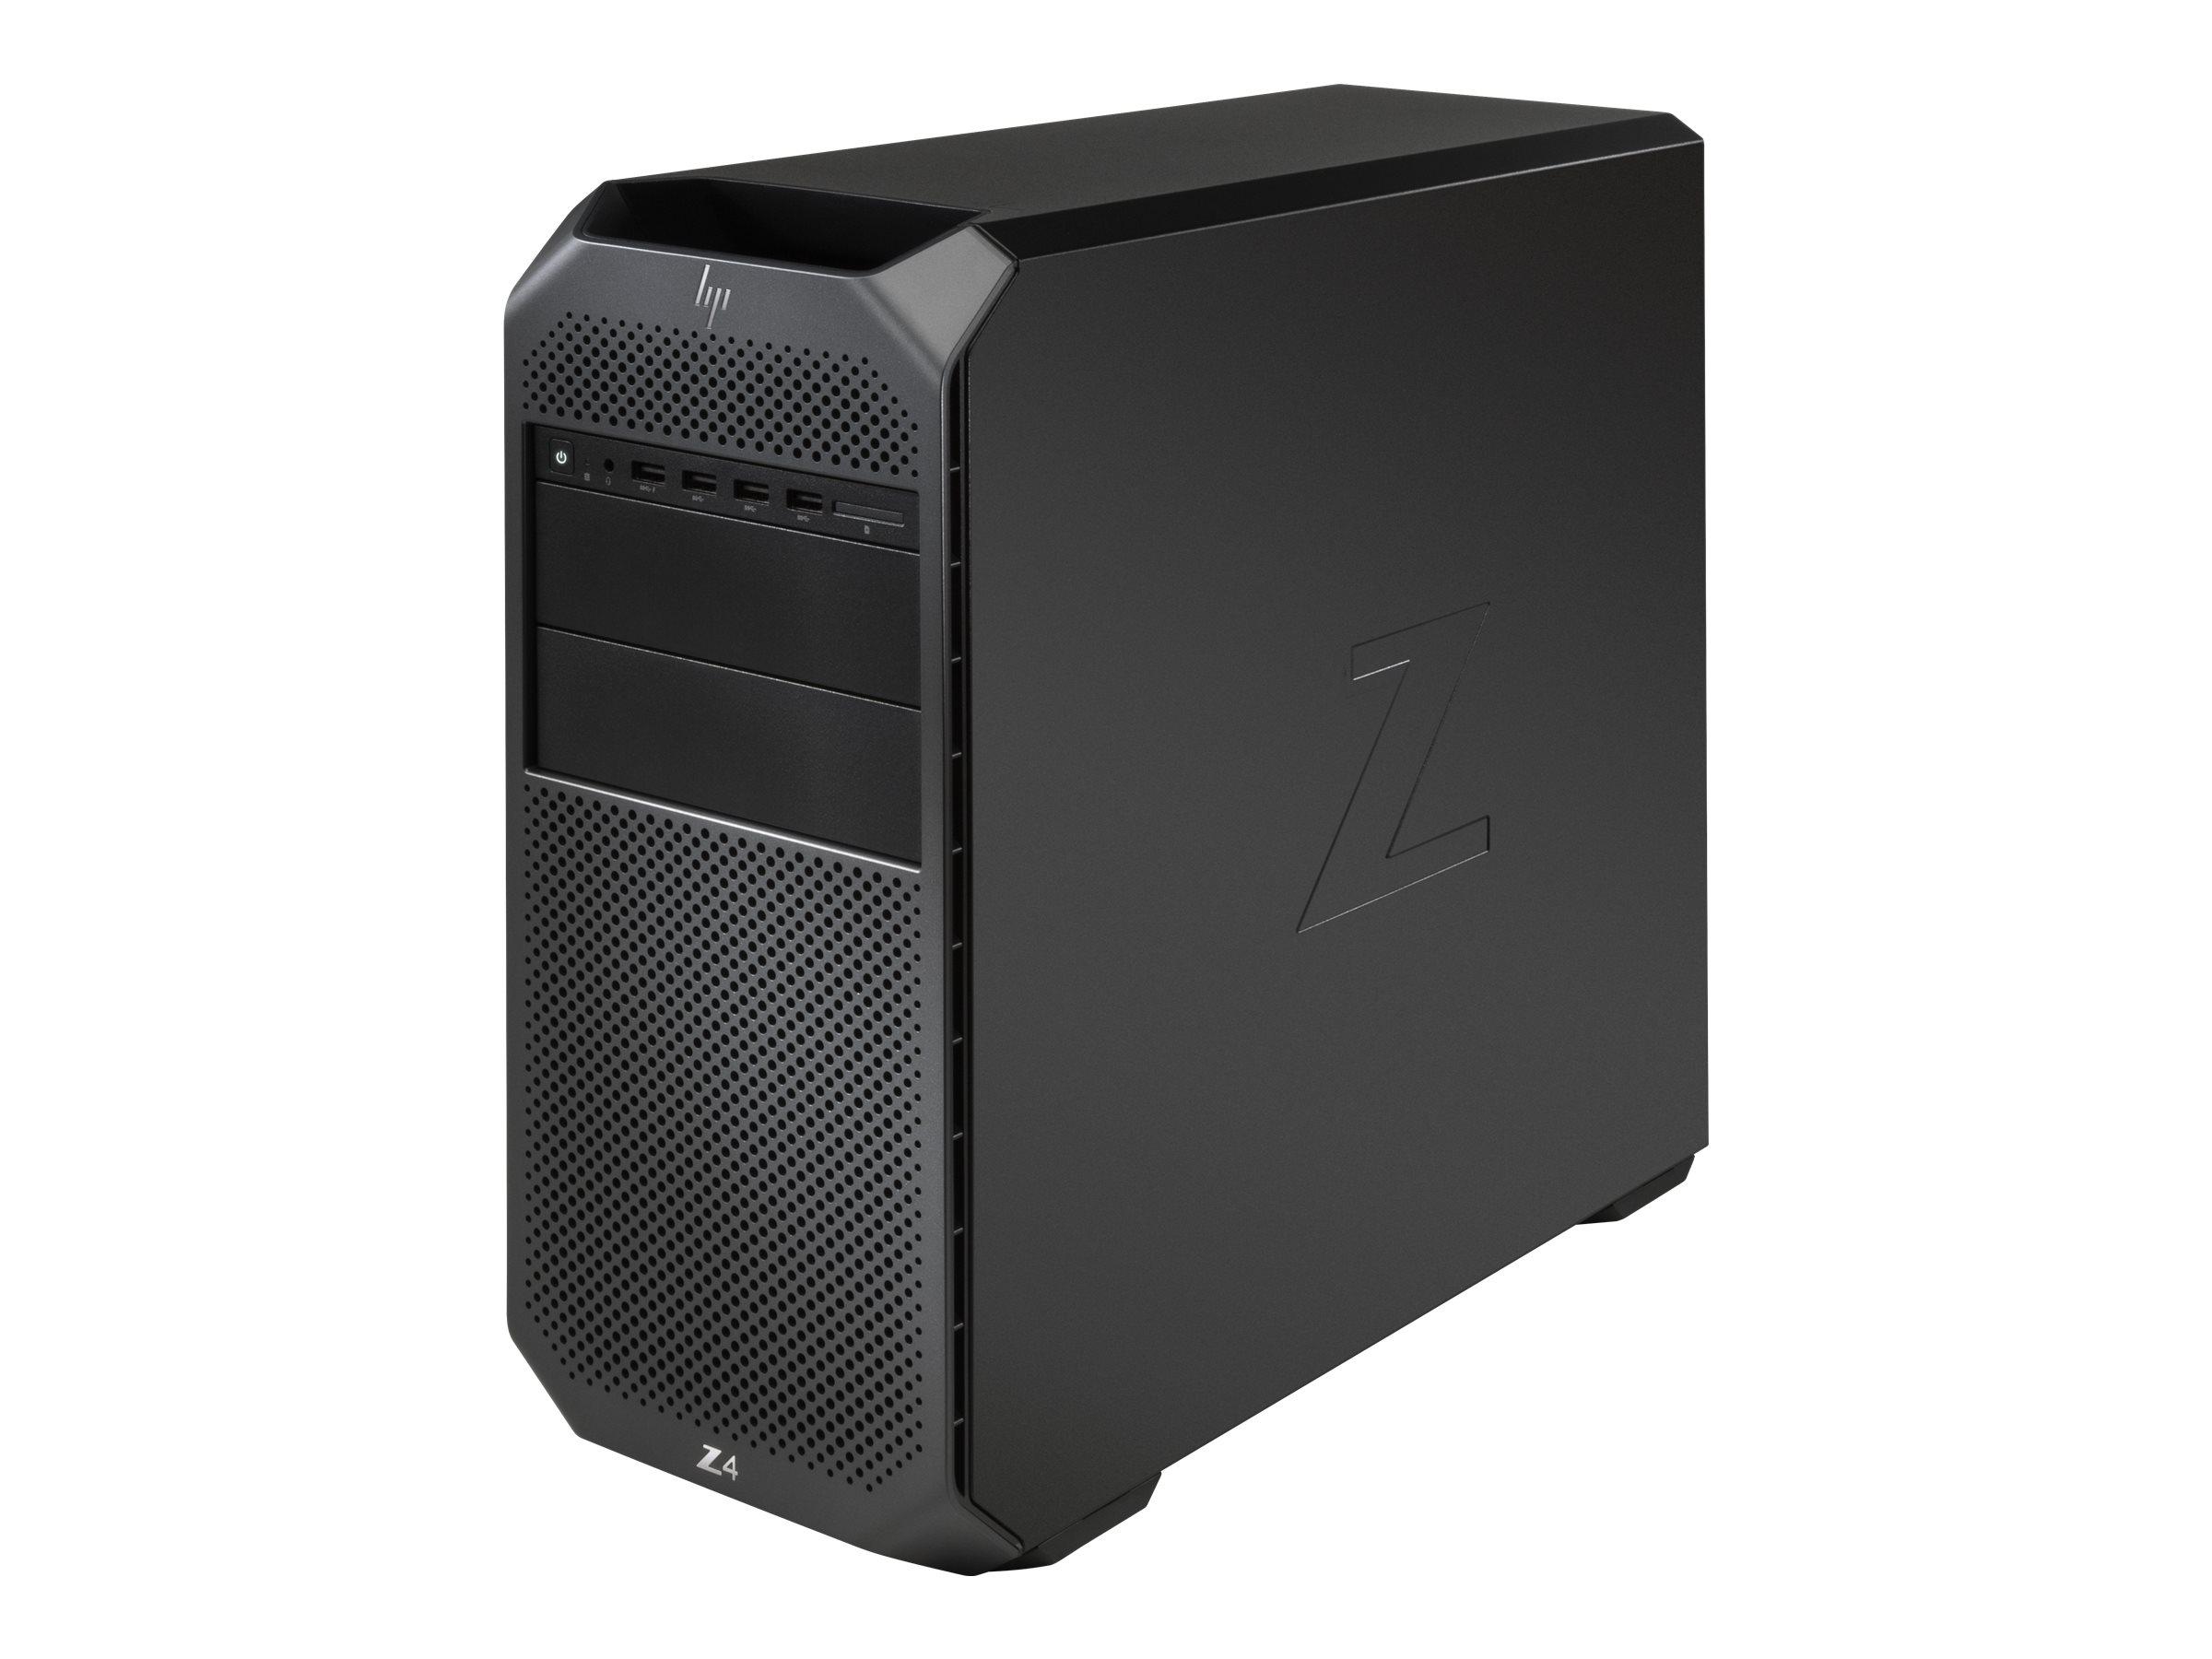 Hp workstation z4 g4 mt 4u 1 x core i9 7900x x series 3 3 ghz ram 16 gb ssd 512 gb 11033741 6qn61ea abd